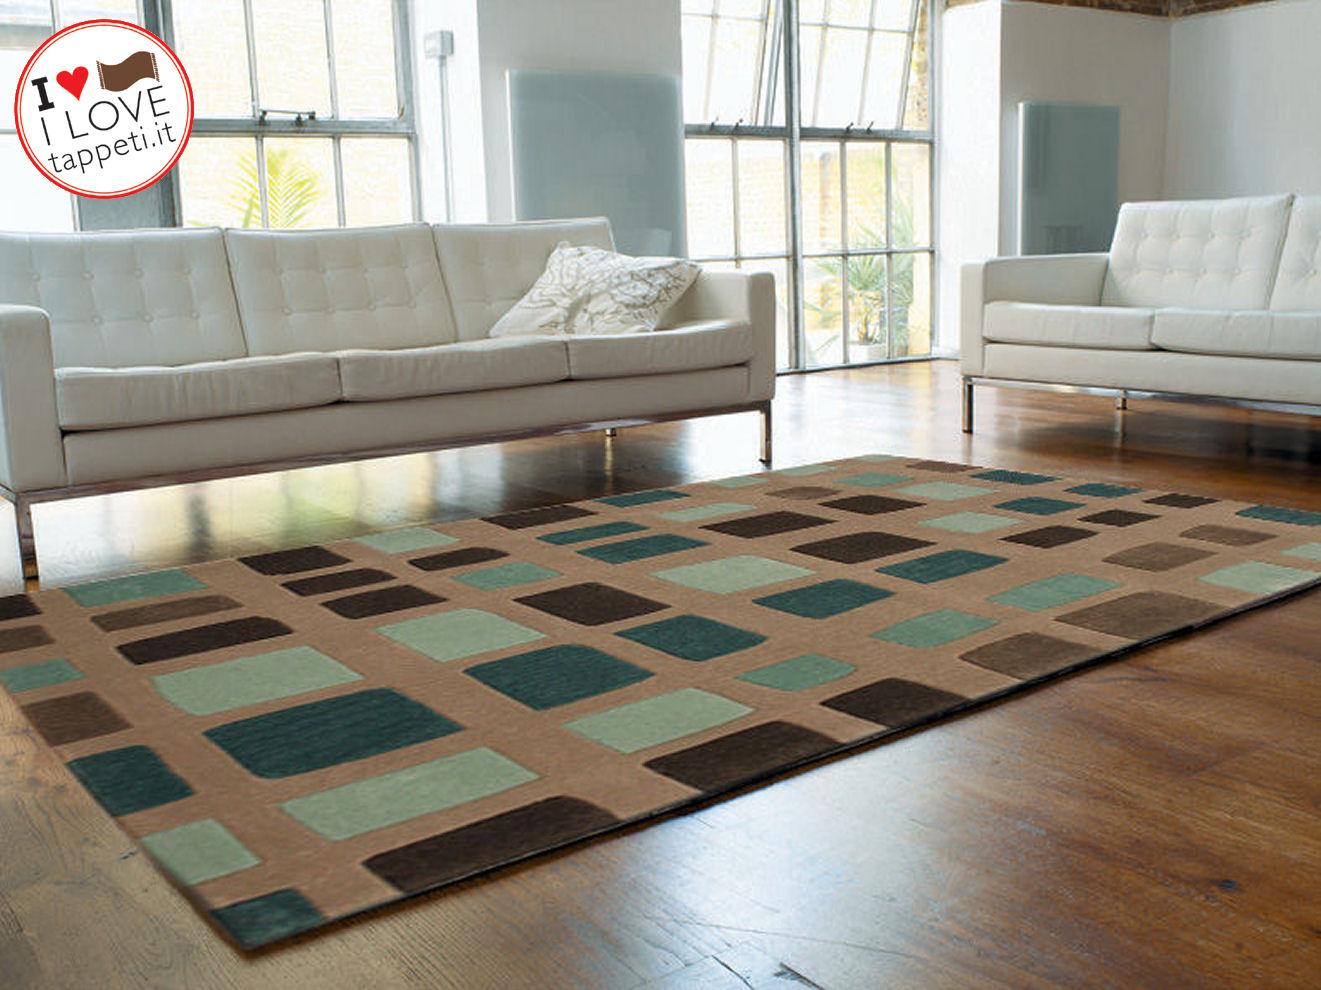 Qualche anteprima sui tappeti moderni 2013  il blog dei